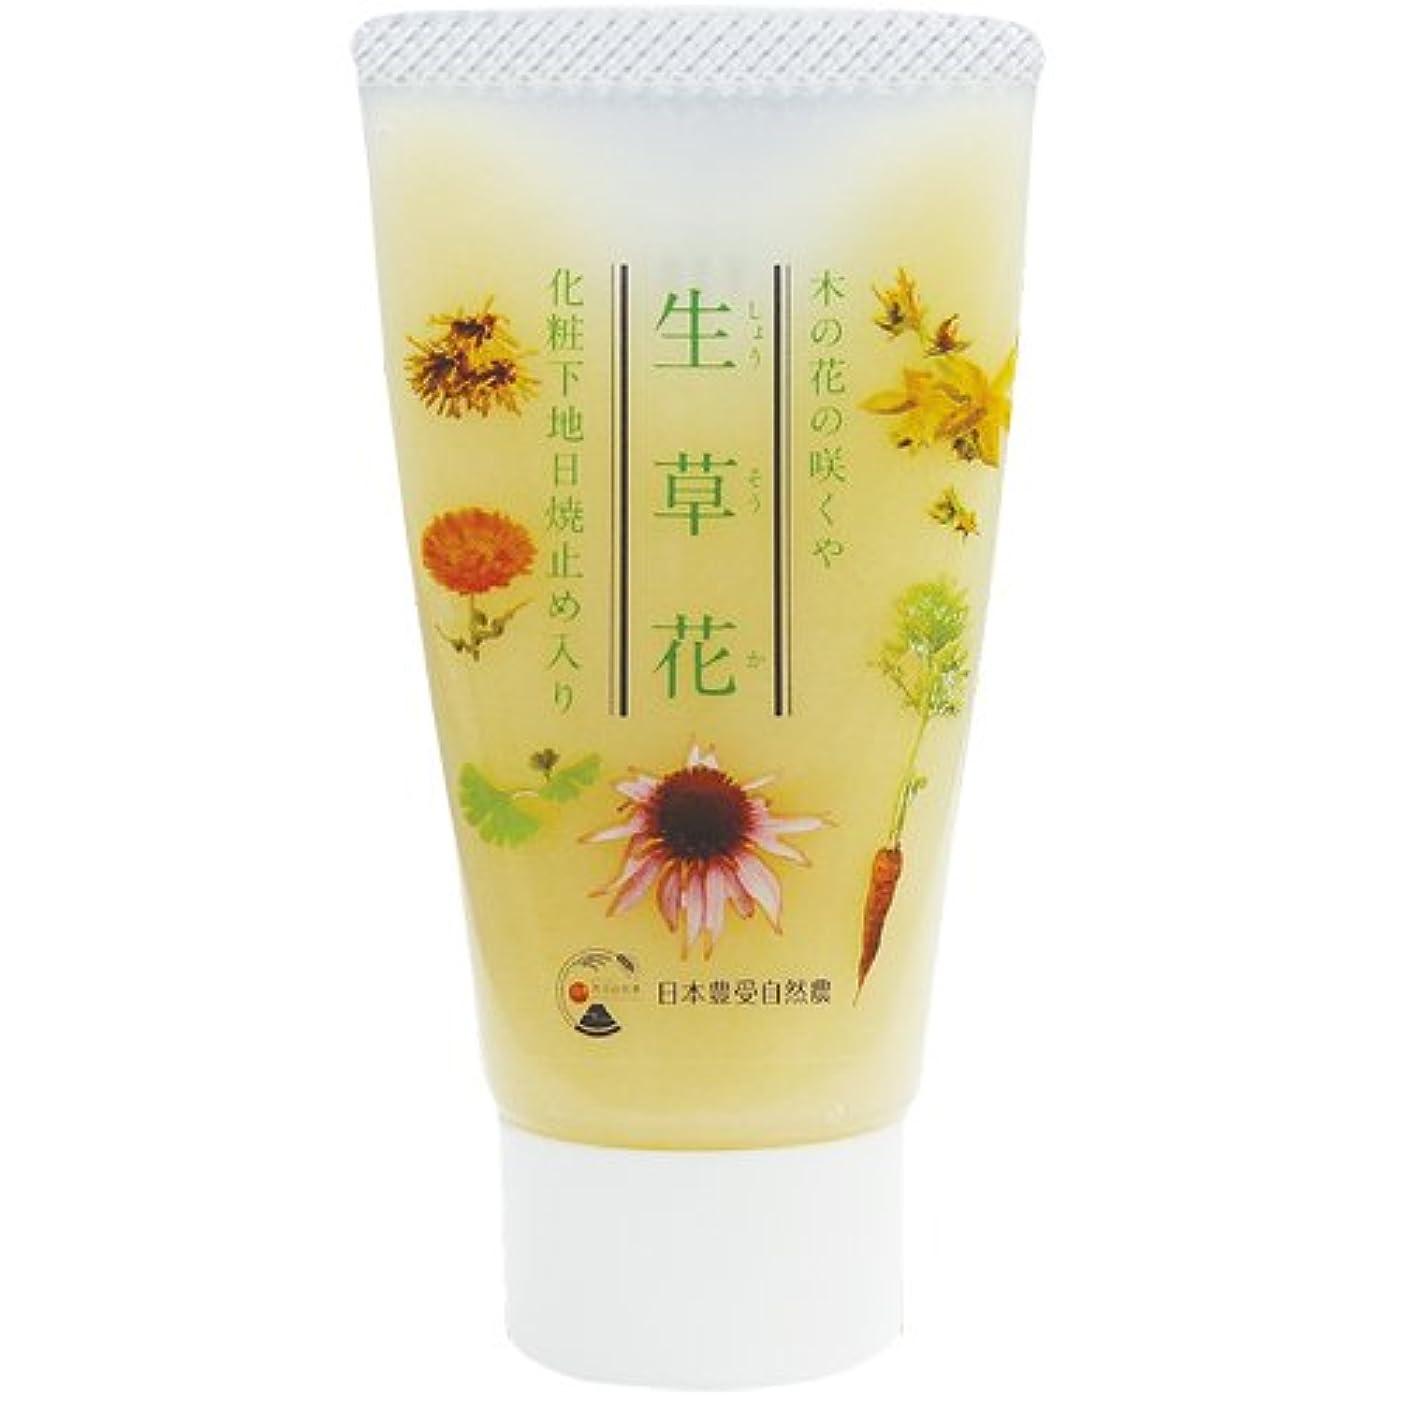 こどもの日姿勢アクセント日本豊受自然農 木の花の咲くや 生草花 化粧下地 日焼け止め入り 30g